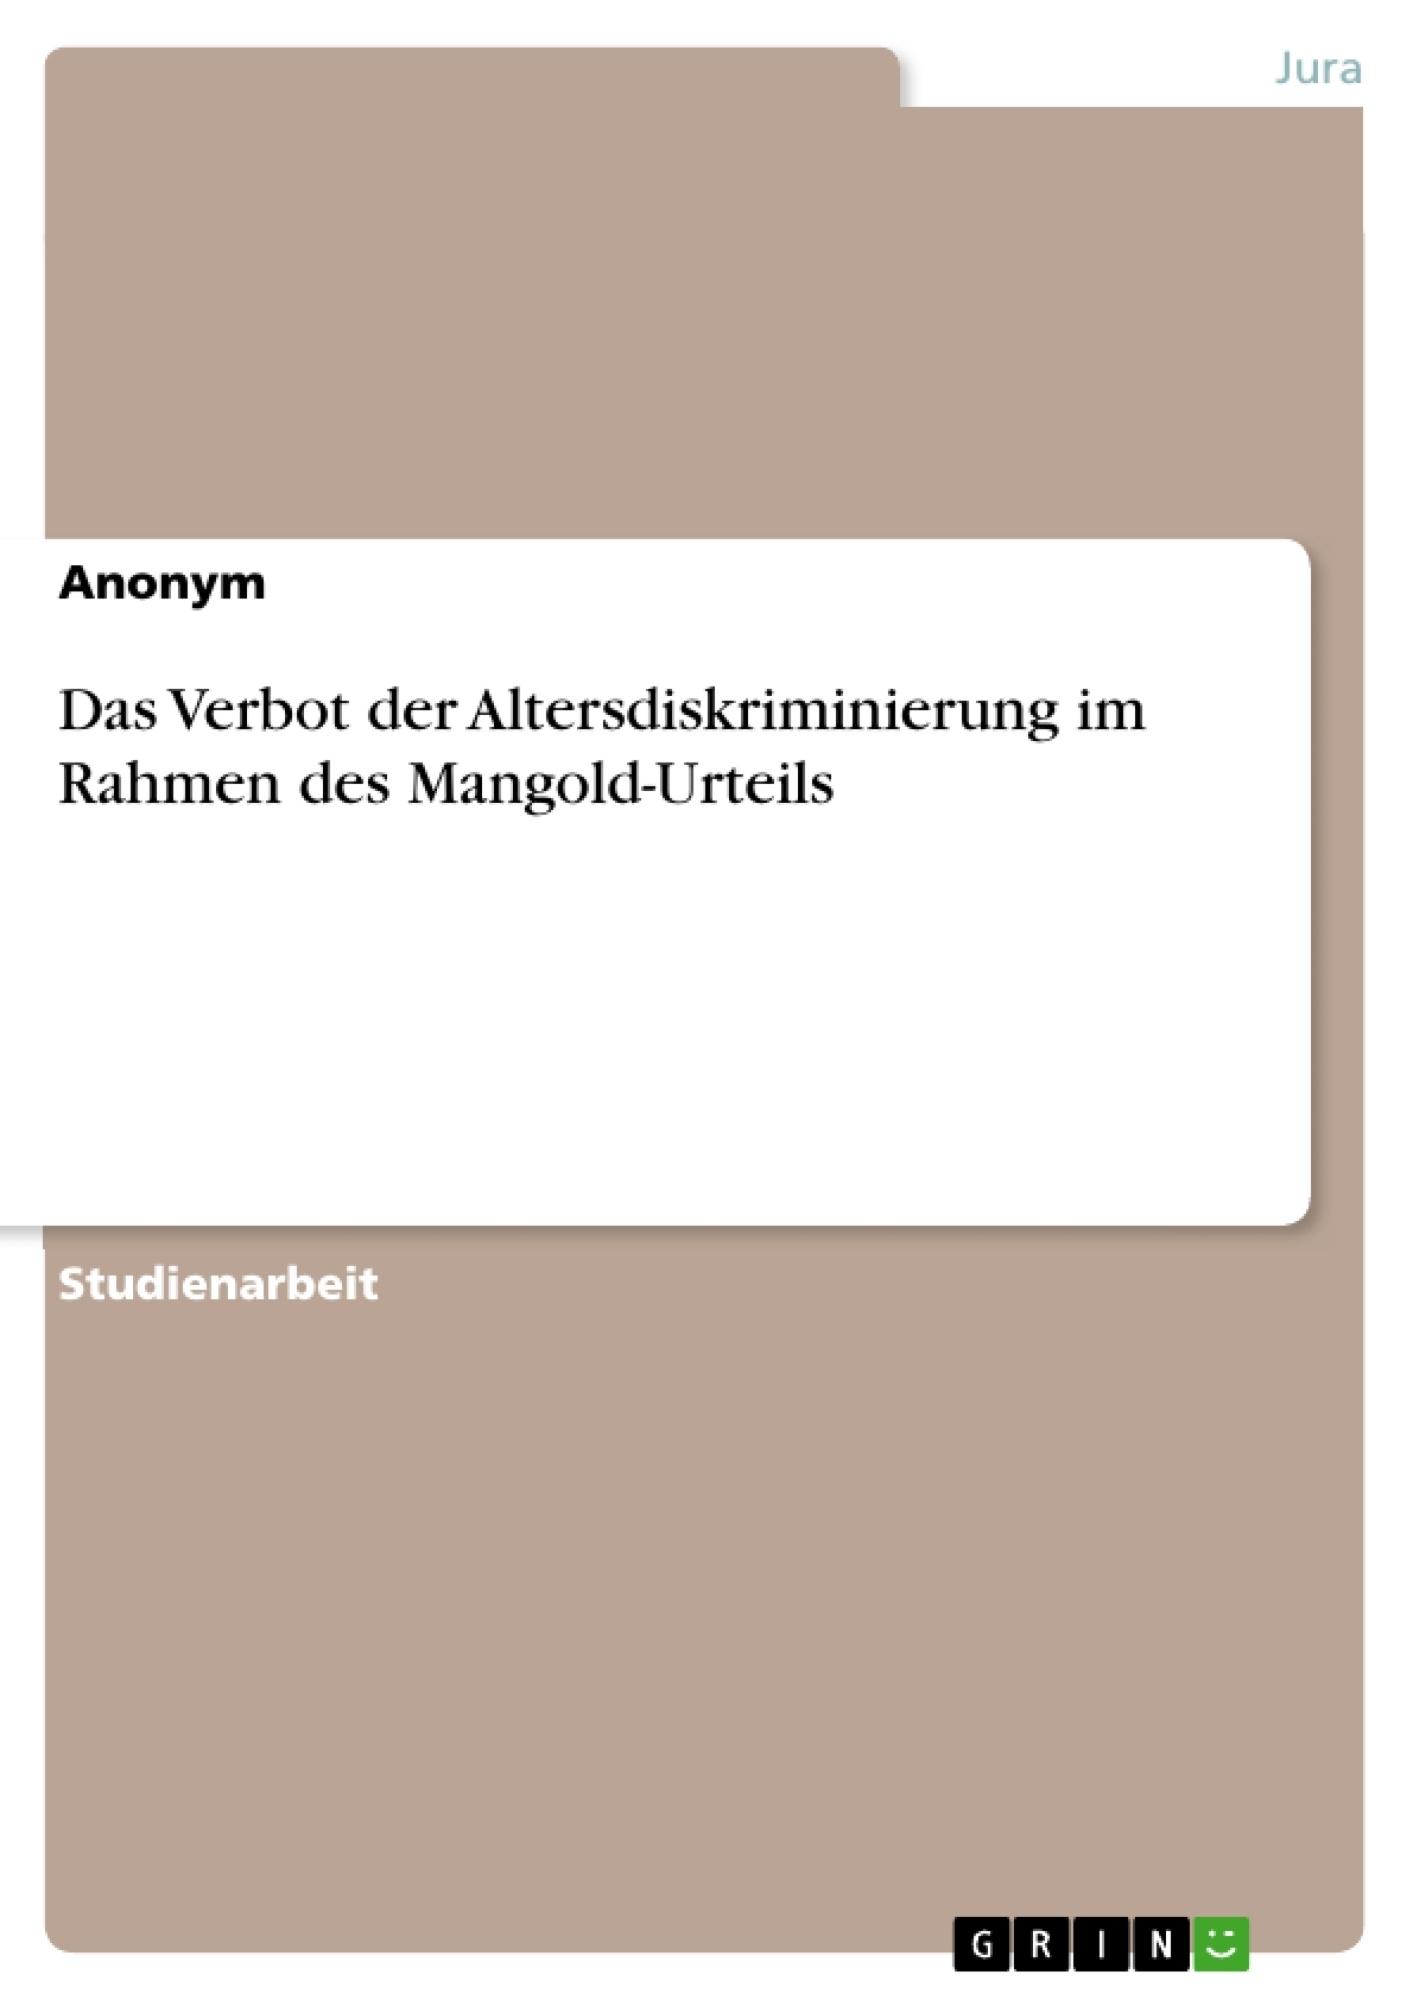 Titel: Das Verbot der Altersdiskriminierung im Rahmen des Mangold-Urteils